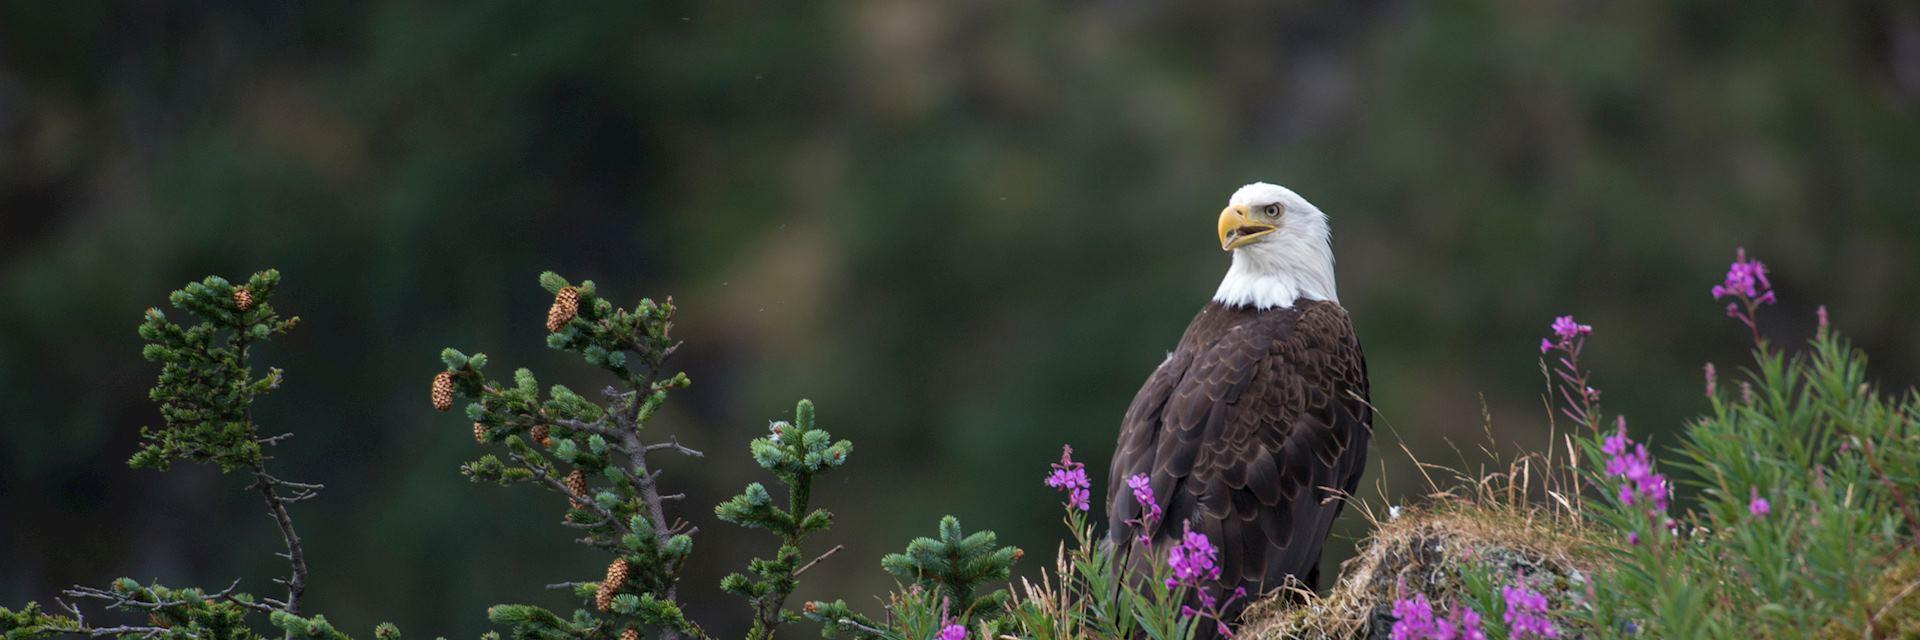 Bald eagle, Terra Nova National Park